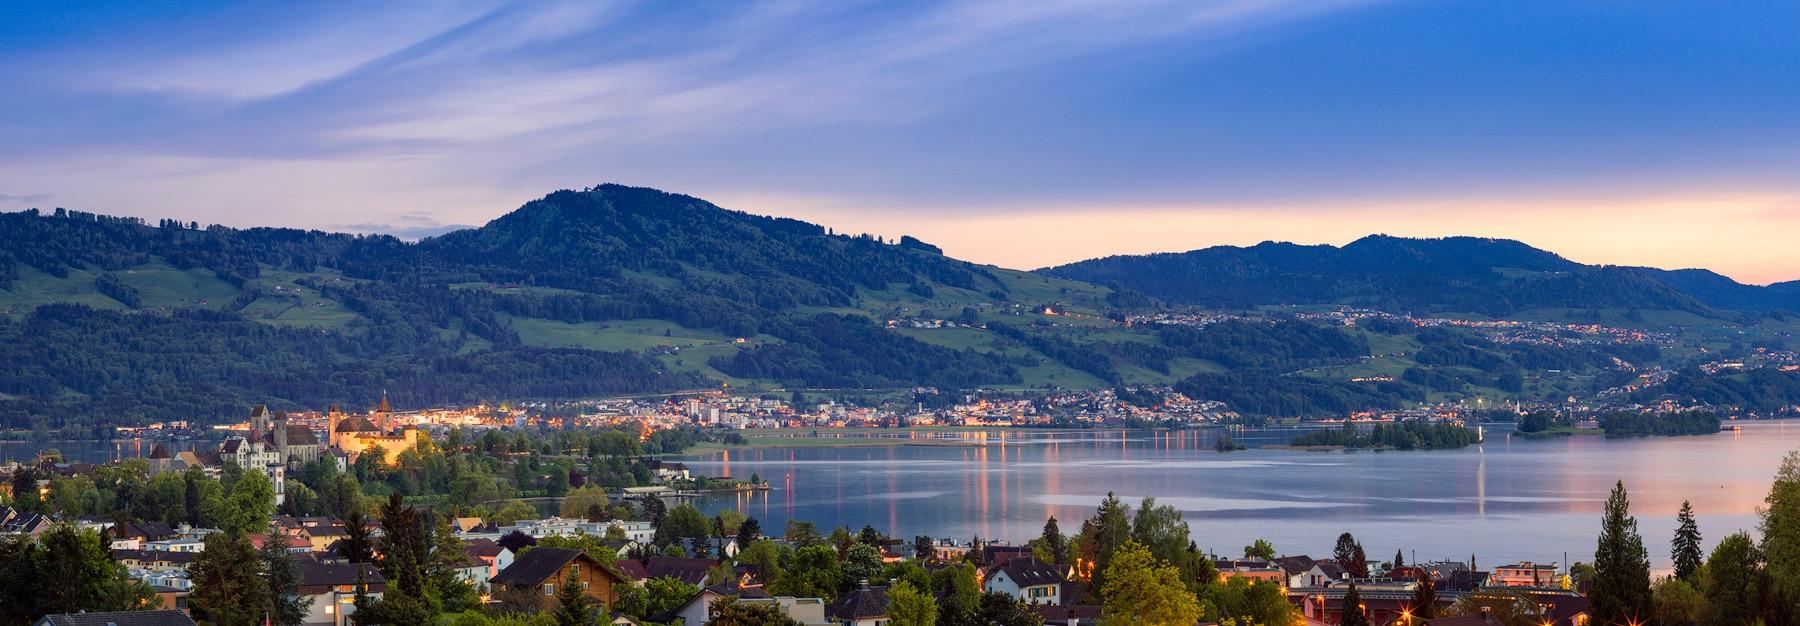 Air-Shots.CH, Gerry Pacher, Swiss Drone Aerial Photography, Luftbild, Drohne, Luftaufnahme, Fotografie, Landschaftsbilder, Architektur, Tourismus, Schweiz, Luftaufnahmen mit Drohnen,